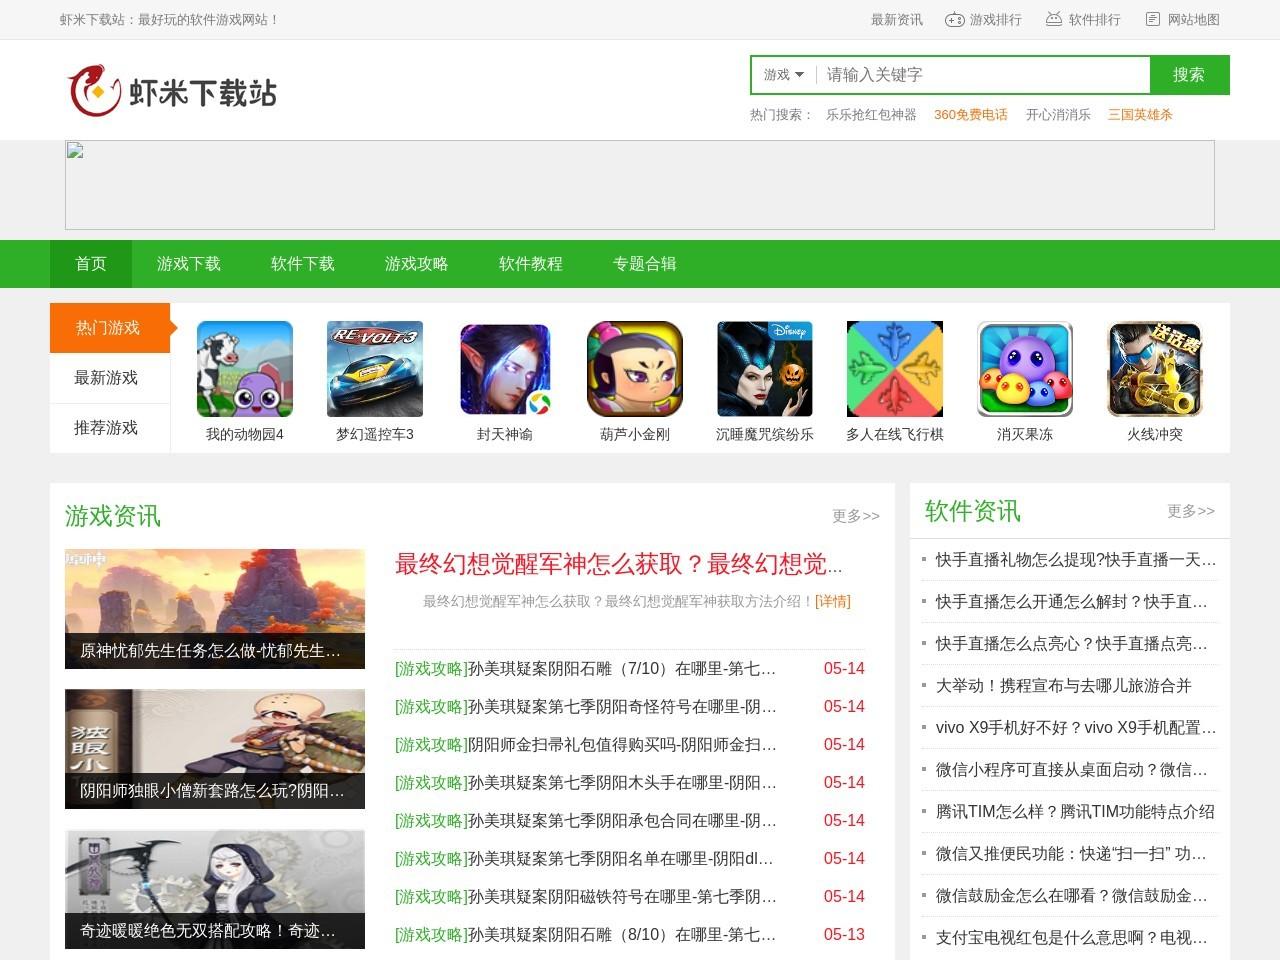 安卓软件下载_虾米下载站